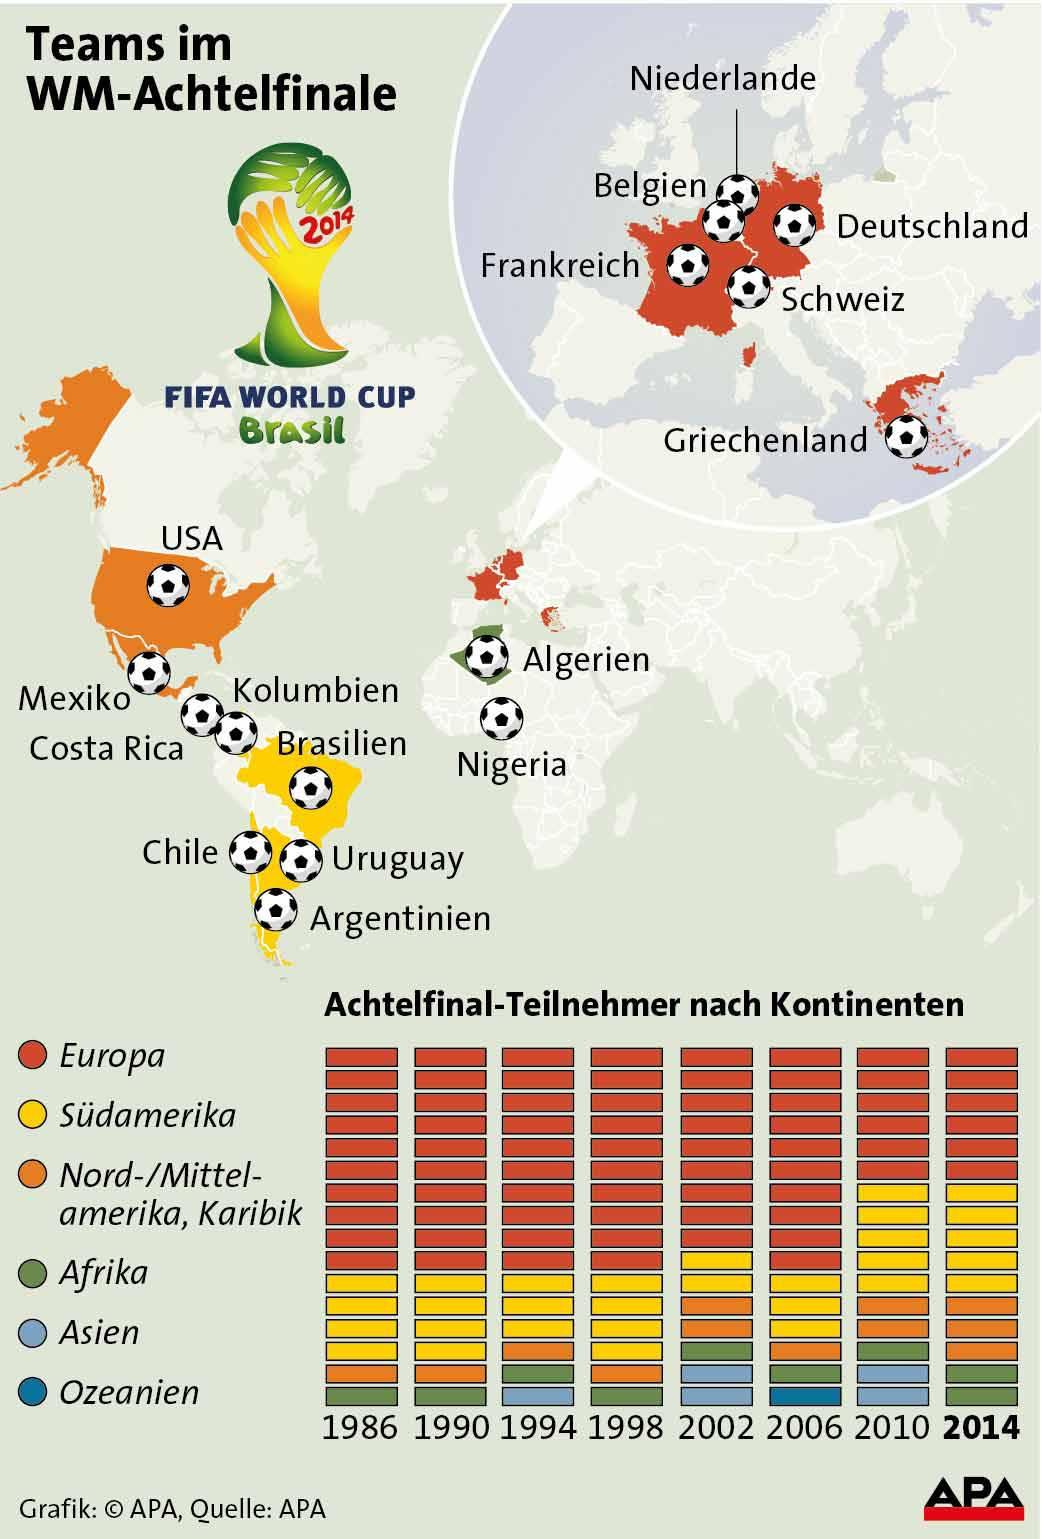 Fußball-WM 2014: Deutschland vs. Argentinien - der Weg ins Finale